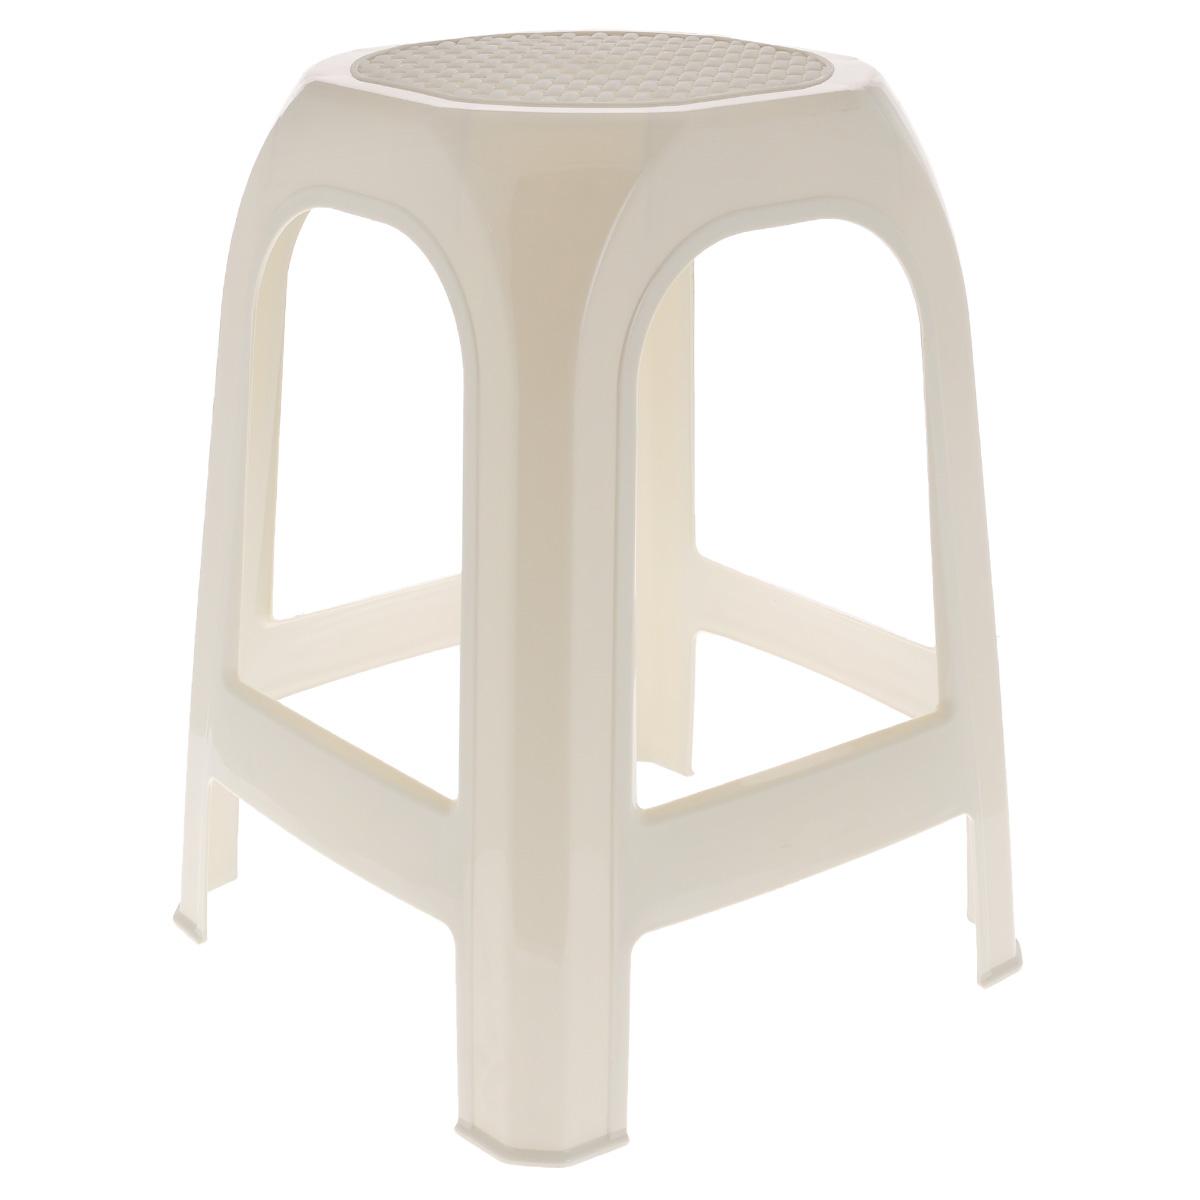 Табурет Idea, цвет: бежевый, высота 46 смМ 2294Табурет Idea выполнен из прочного высококачественного пластика. Надежная опора ножек предотвращает опрокидывание табурета. Сиденье изделия оформлено рельефным рисунком под плетение. Такой табурет обязательно пригодятся и дома, чтобы разместить гостей за кухонным столом, и на даче, чтобы организовать место для отдыха или обеда на свежем воздухе.